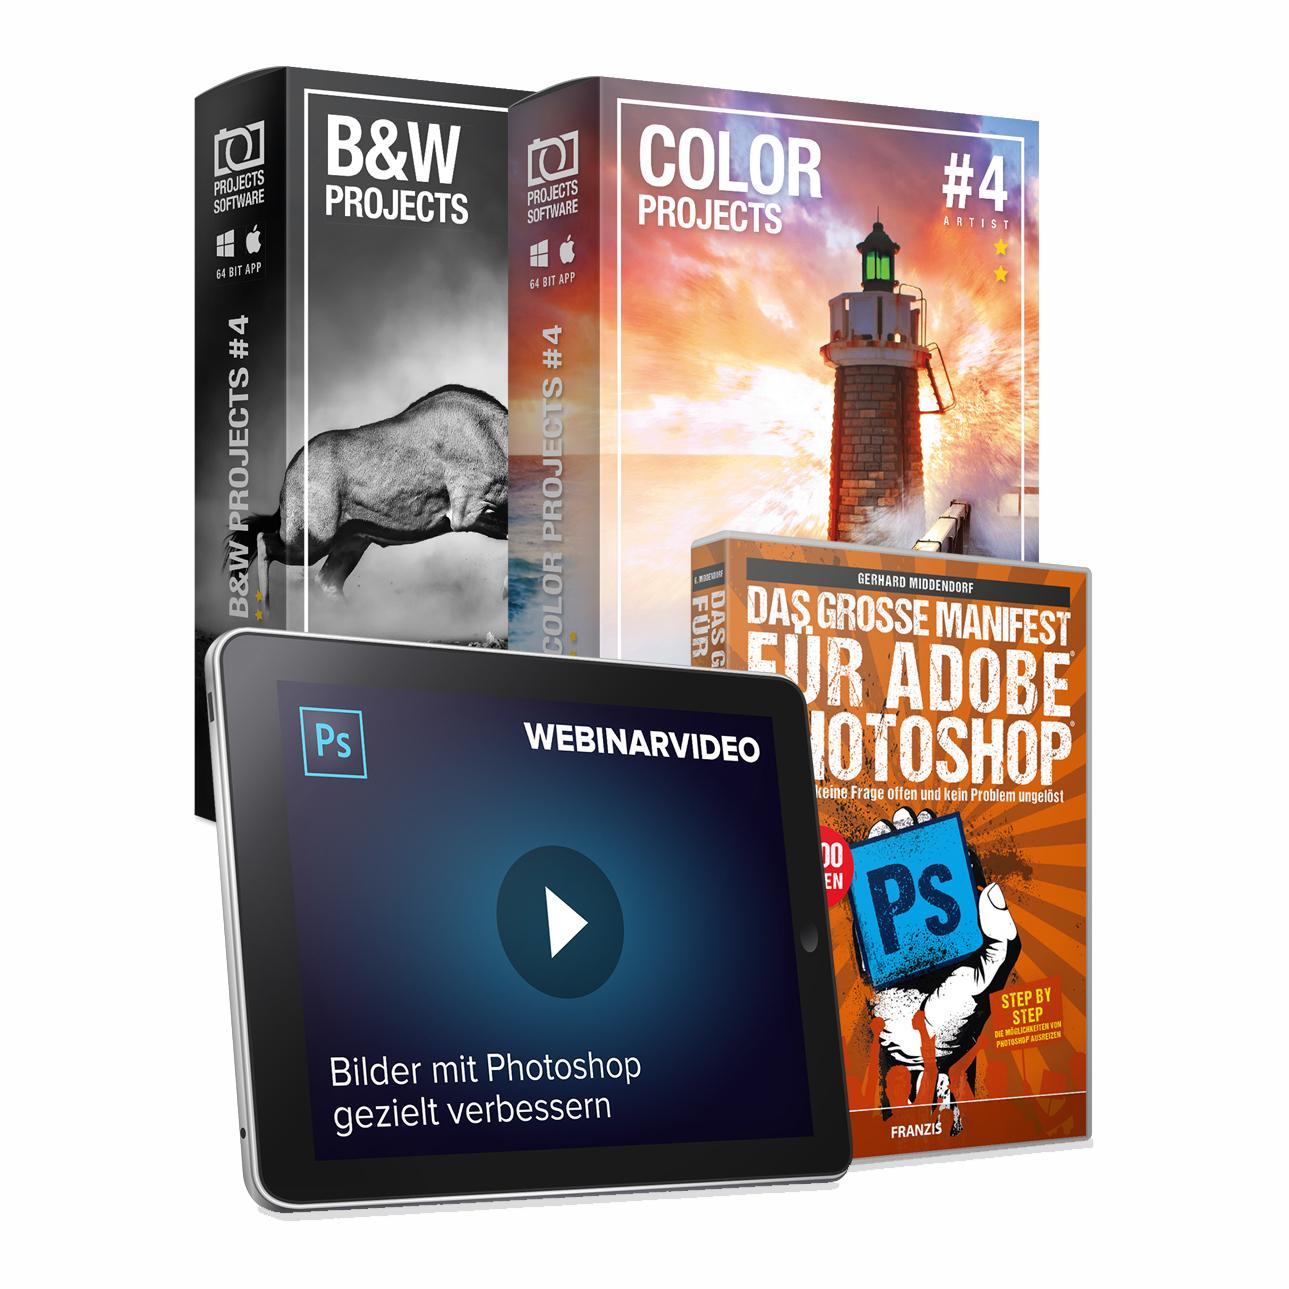 Chip Adventskalender Türchen Nr. 9: Franzis Photoshop-Paket - Vollversion